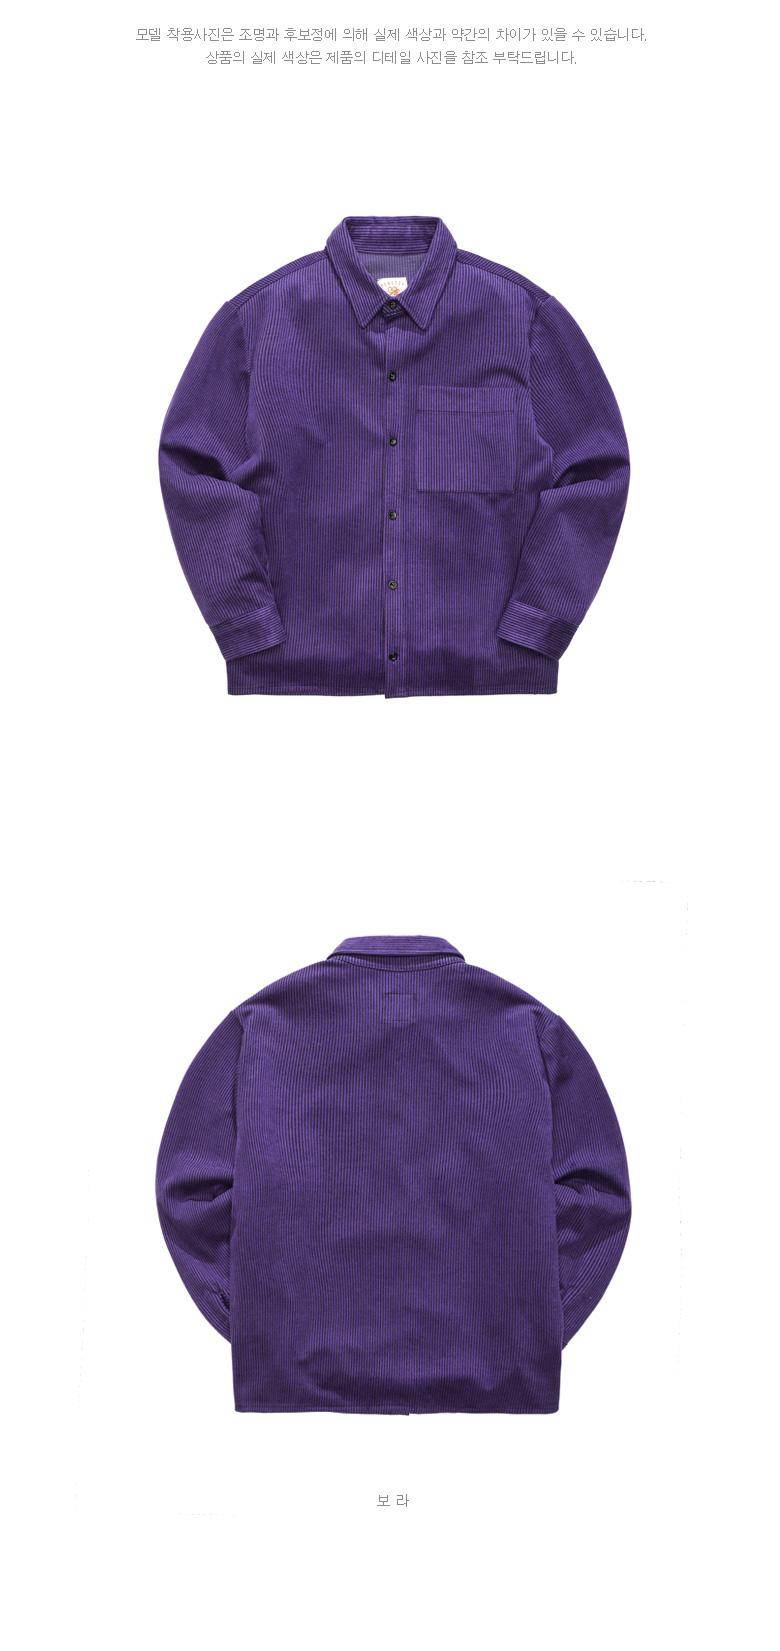 4305_detail_purple_ms_01.jpg